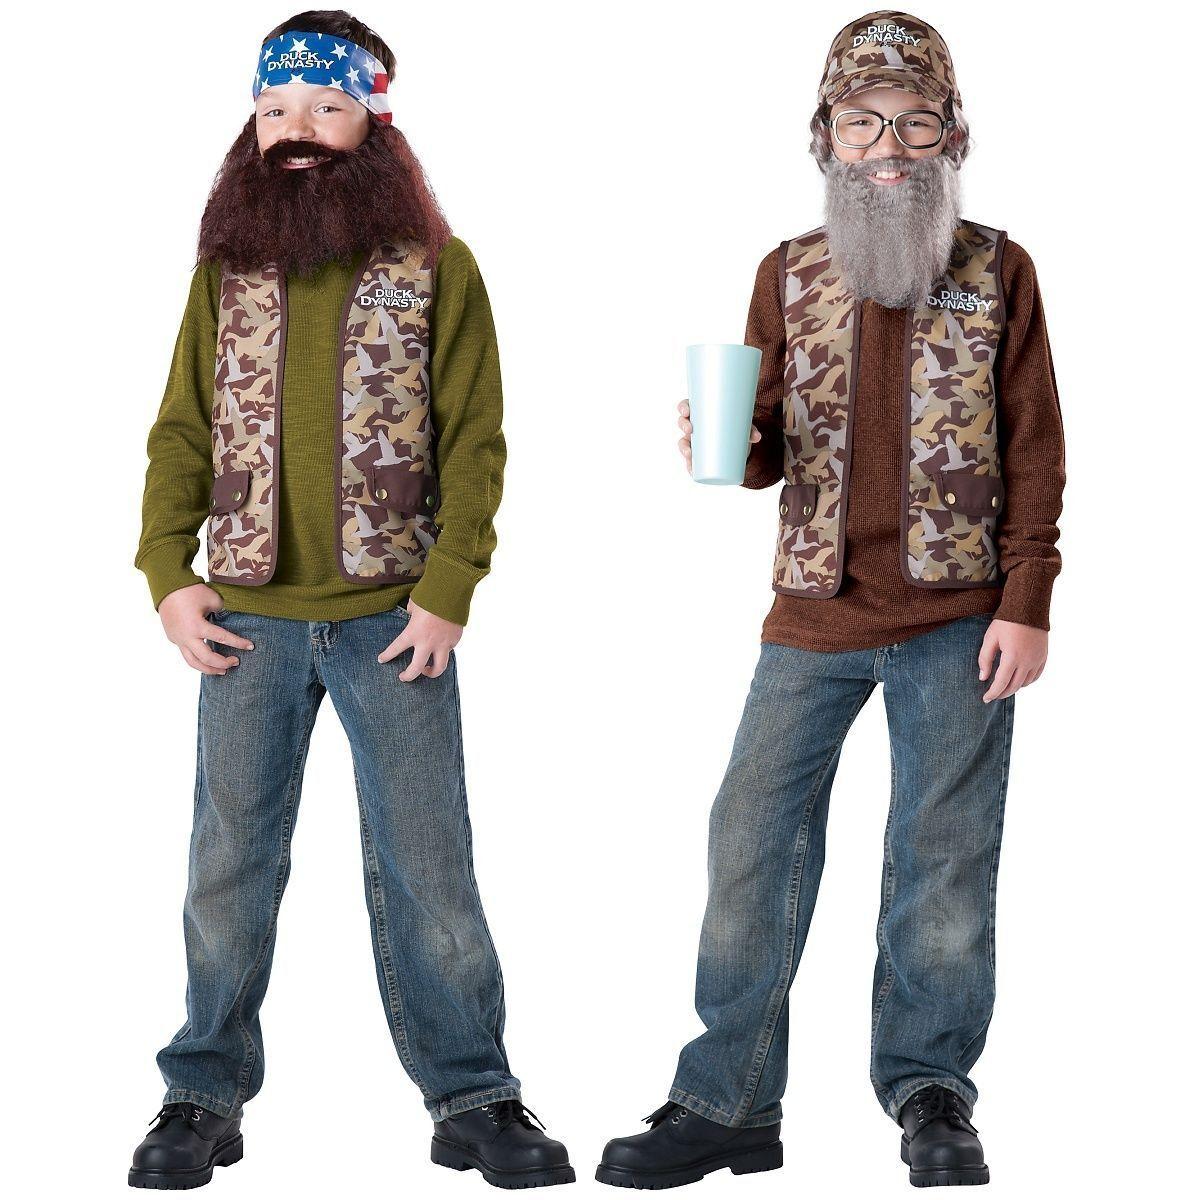 Duck Dynasty Costume Kids Funny Halloween Fancy Dress